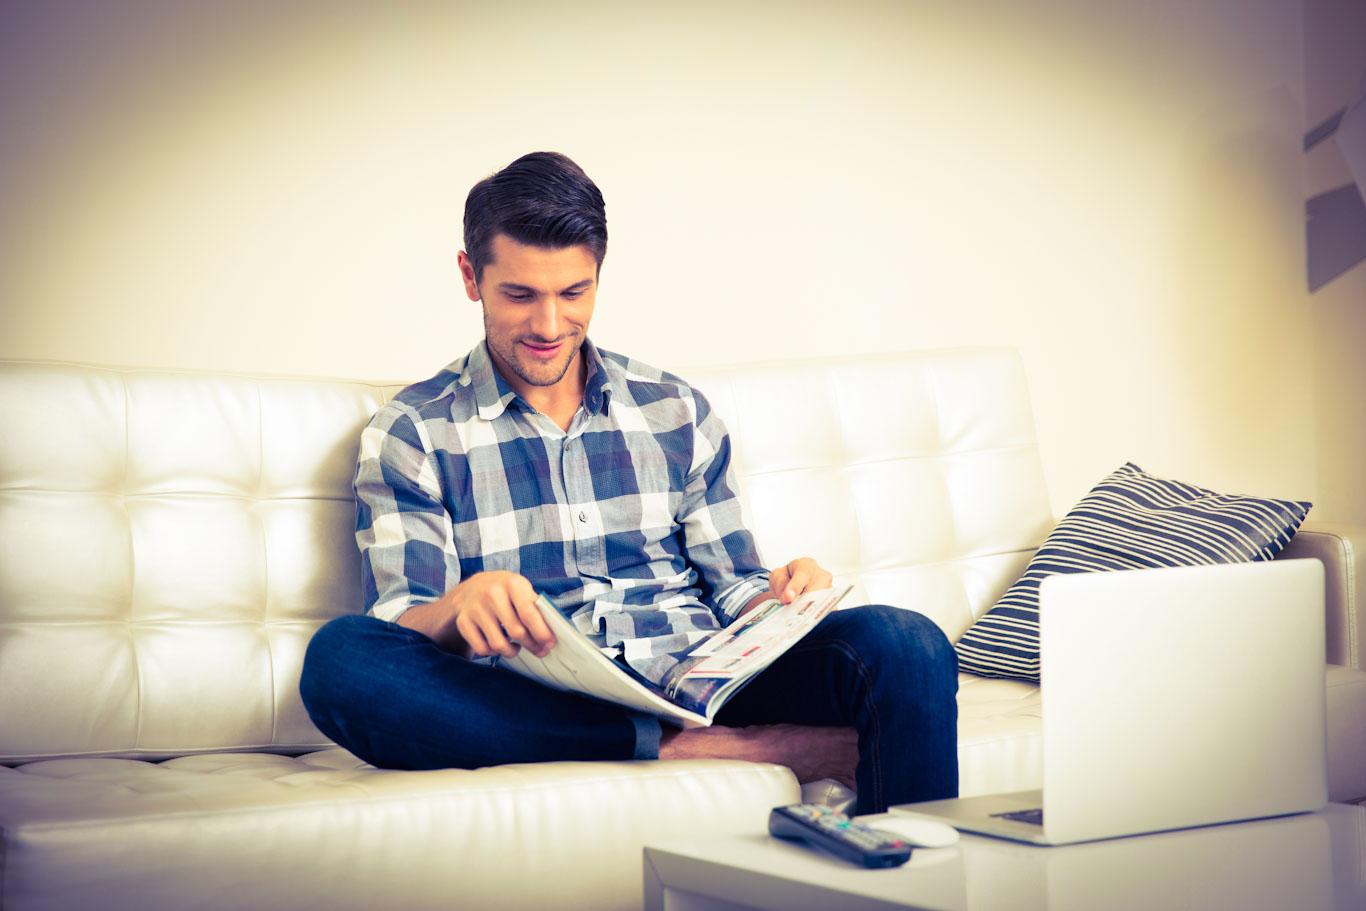 Leseverständnis trainieren – 15 Tipps, um flüssig zu lesen!